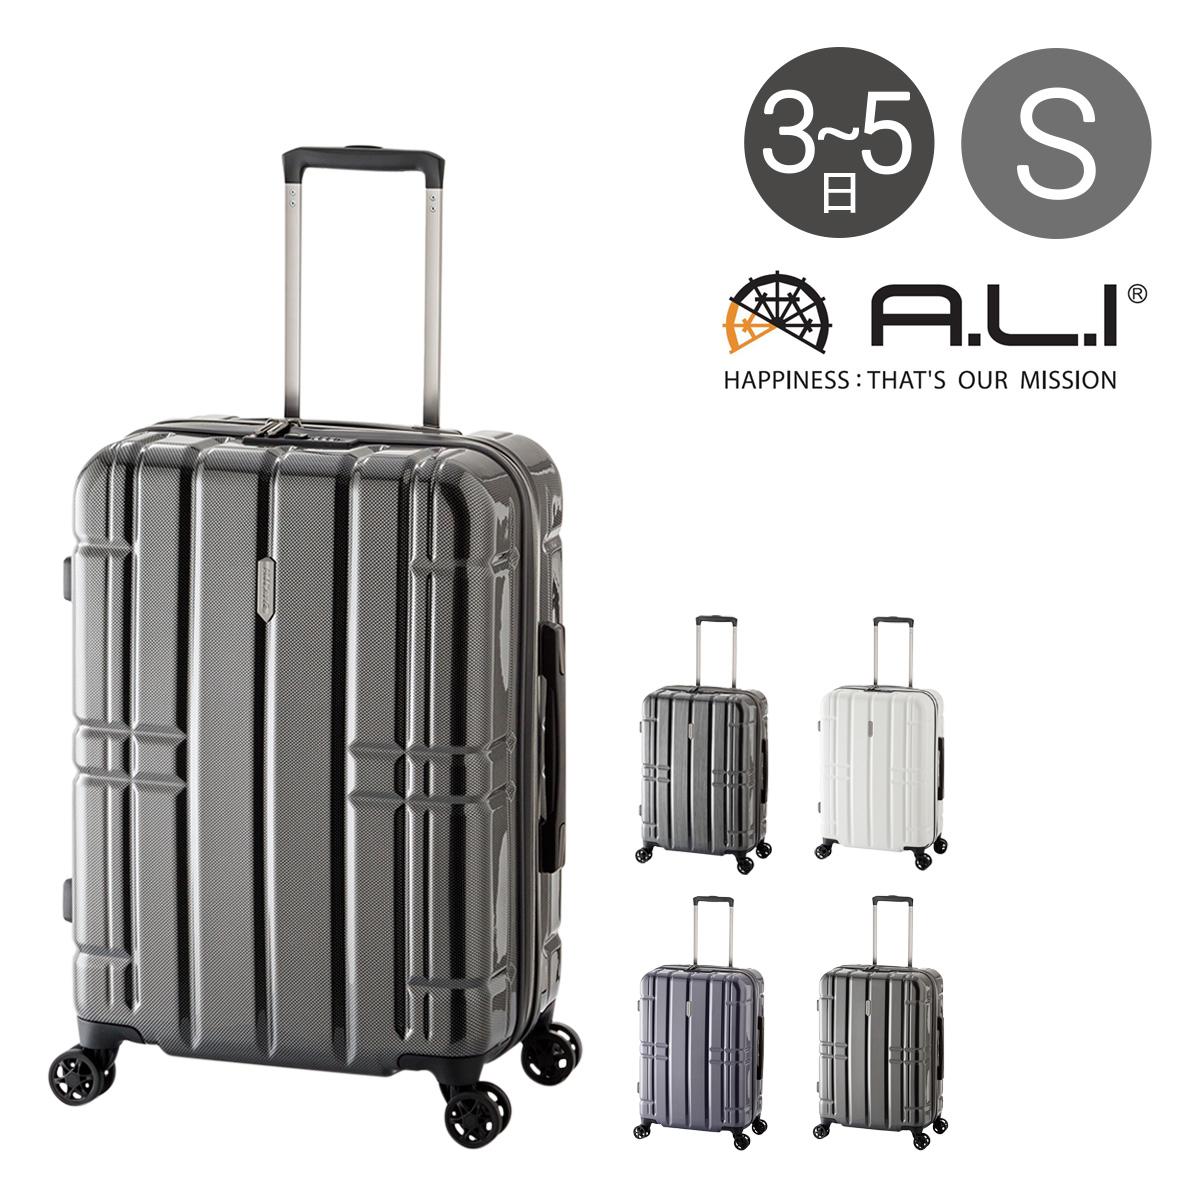 アジアラゲージ スーツケース 60L 55.5cm 3.7kg ALI-MAX22 拡張 ハード ファスナー A.L.I AliMax TSAロック搭載 キャリーバッグ キャリーケース[PO10][bef]